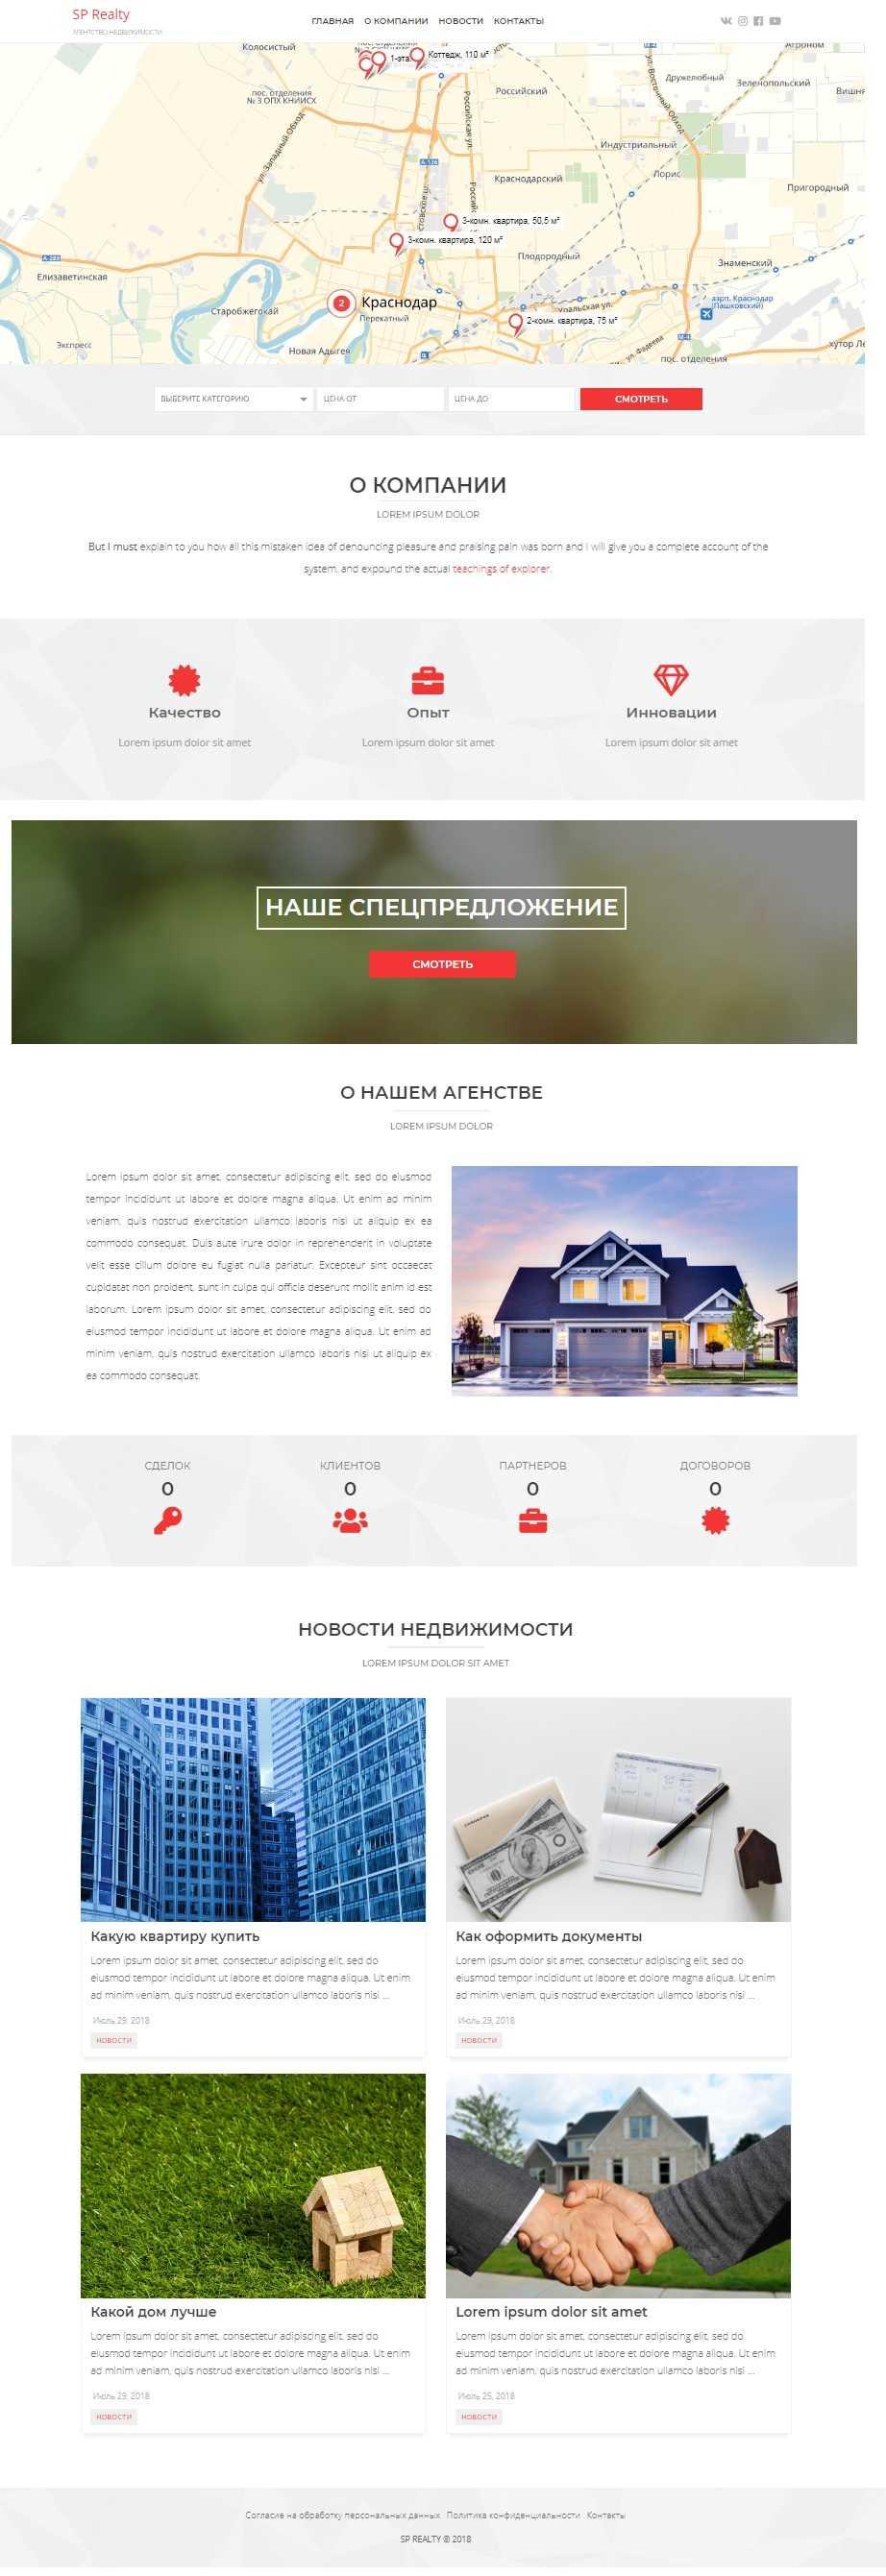 Скриншот темы для сайта о недвижимости.